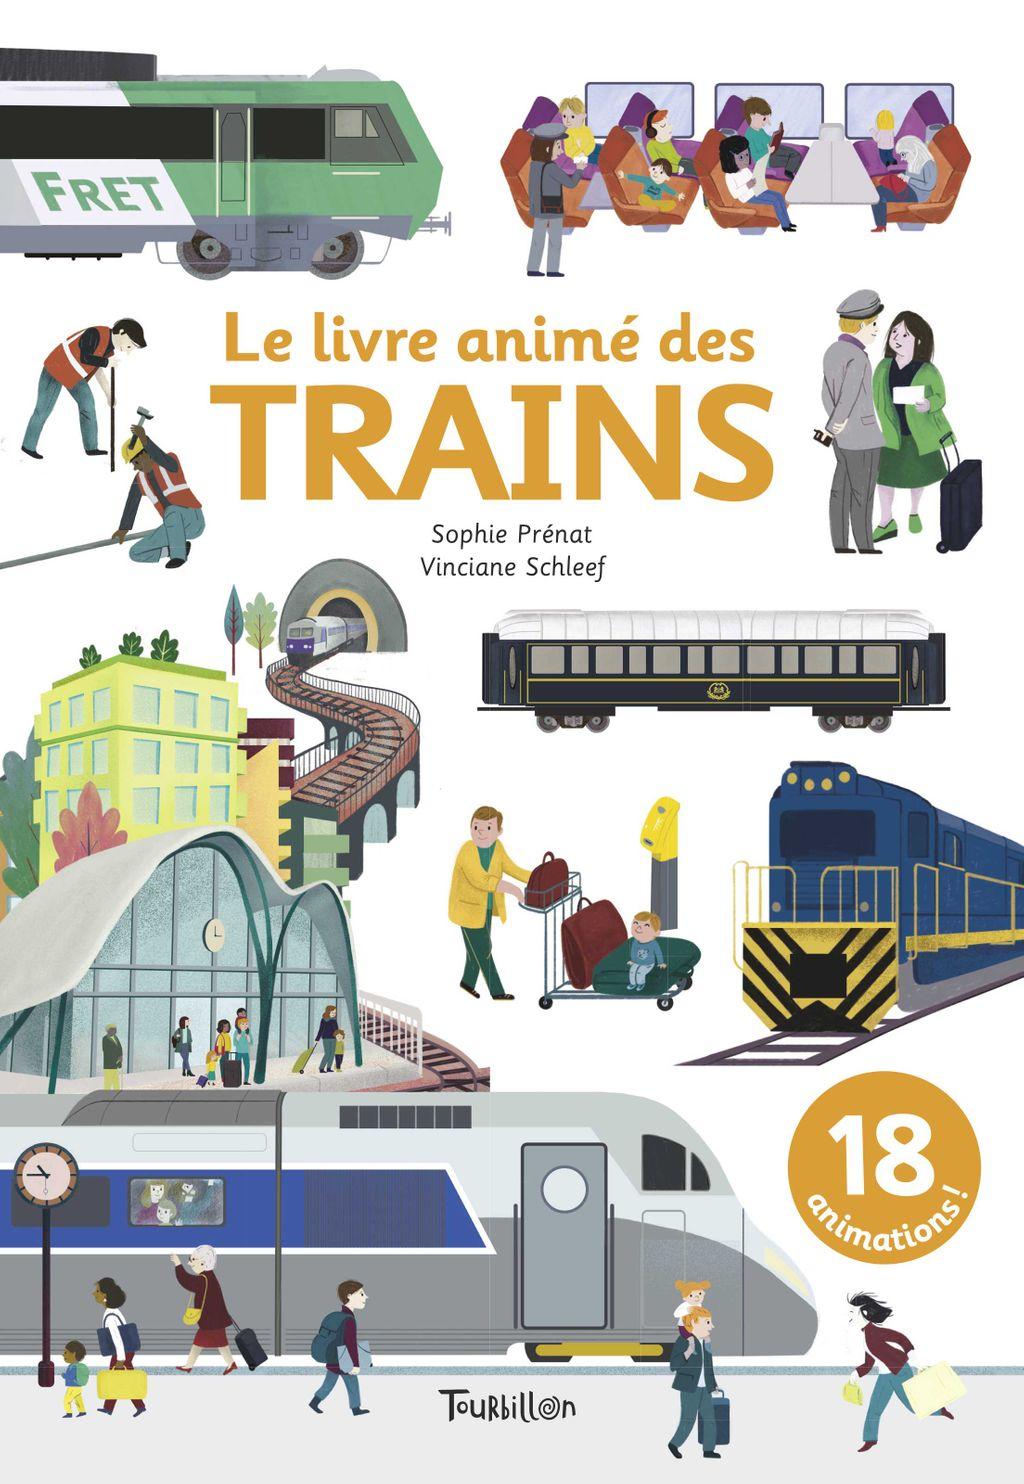 «Le livre animé des trains» cover